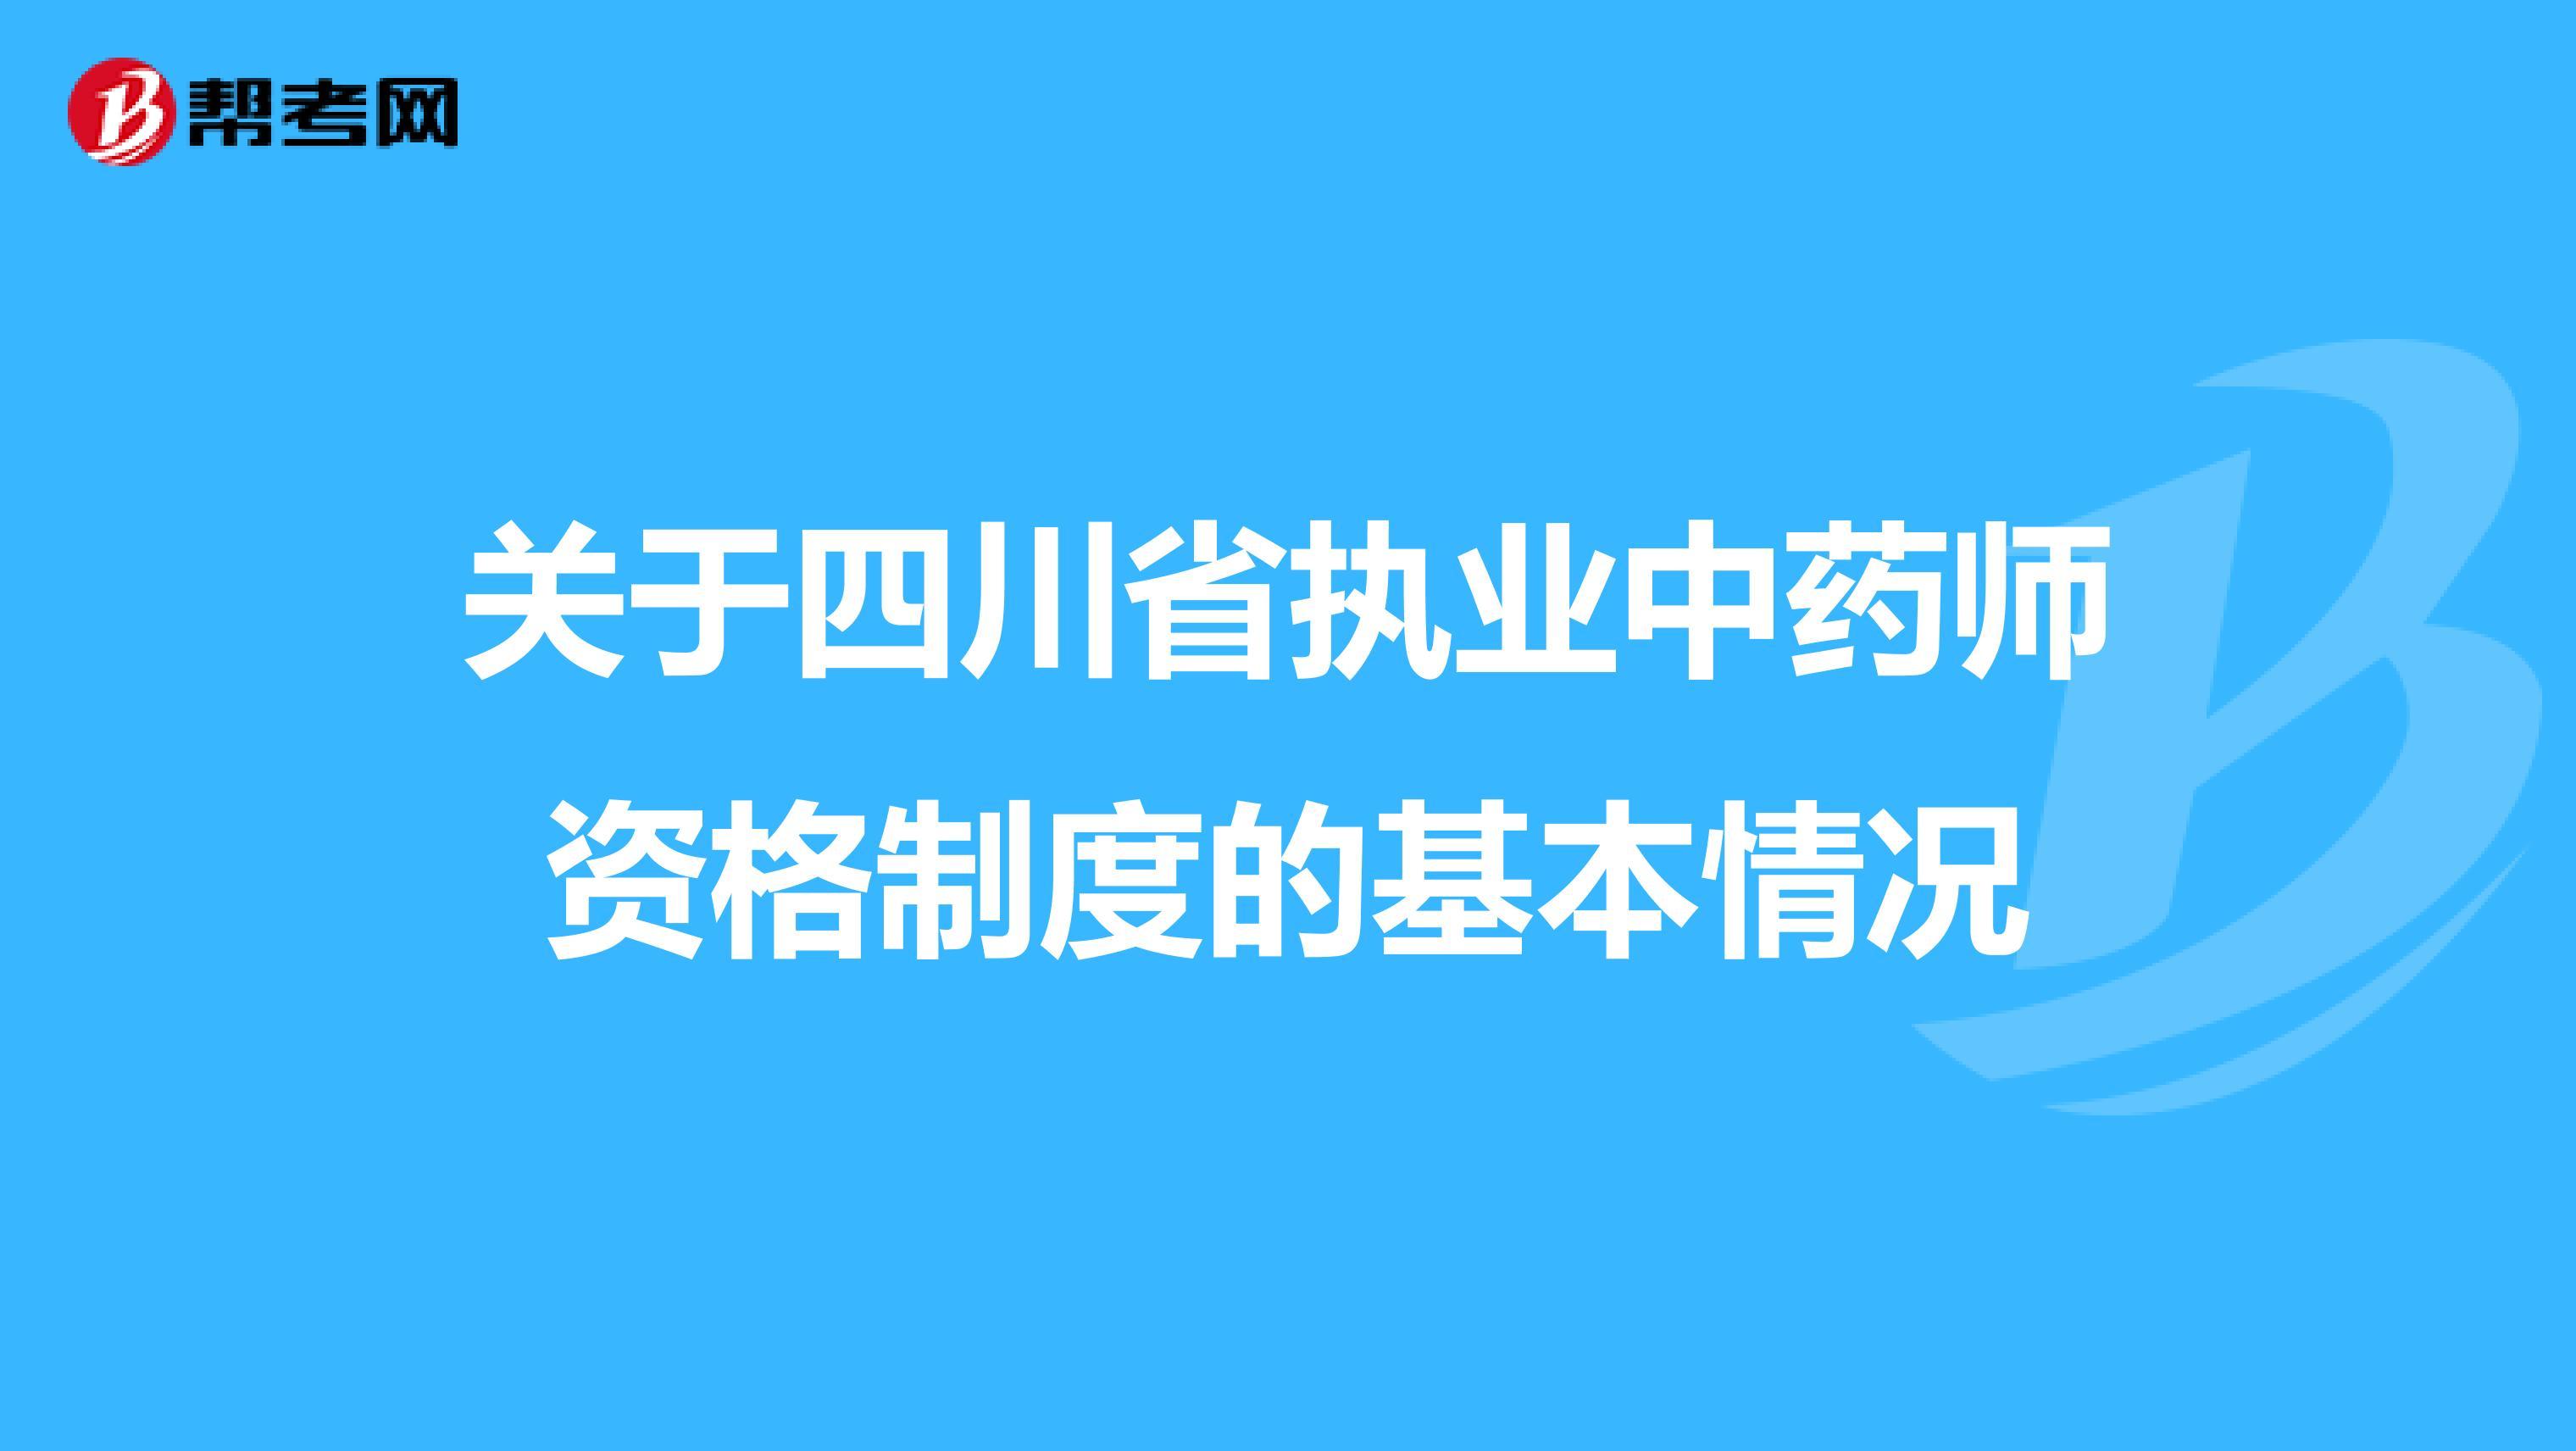 關于四川省執業中藥師資格制度的基本情況